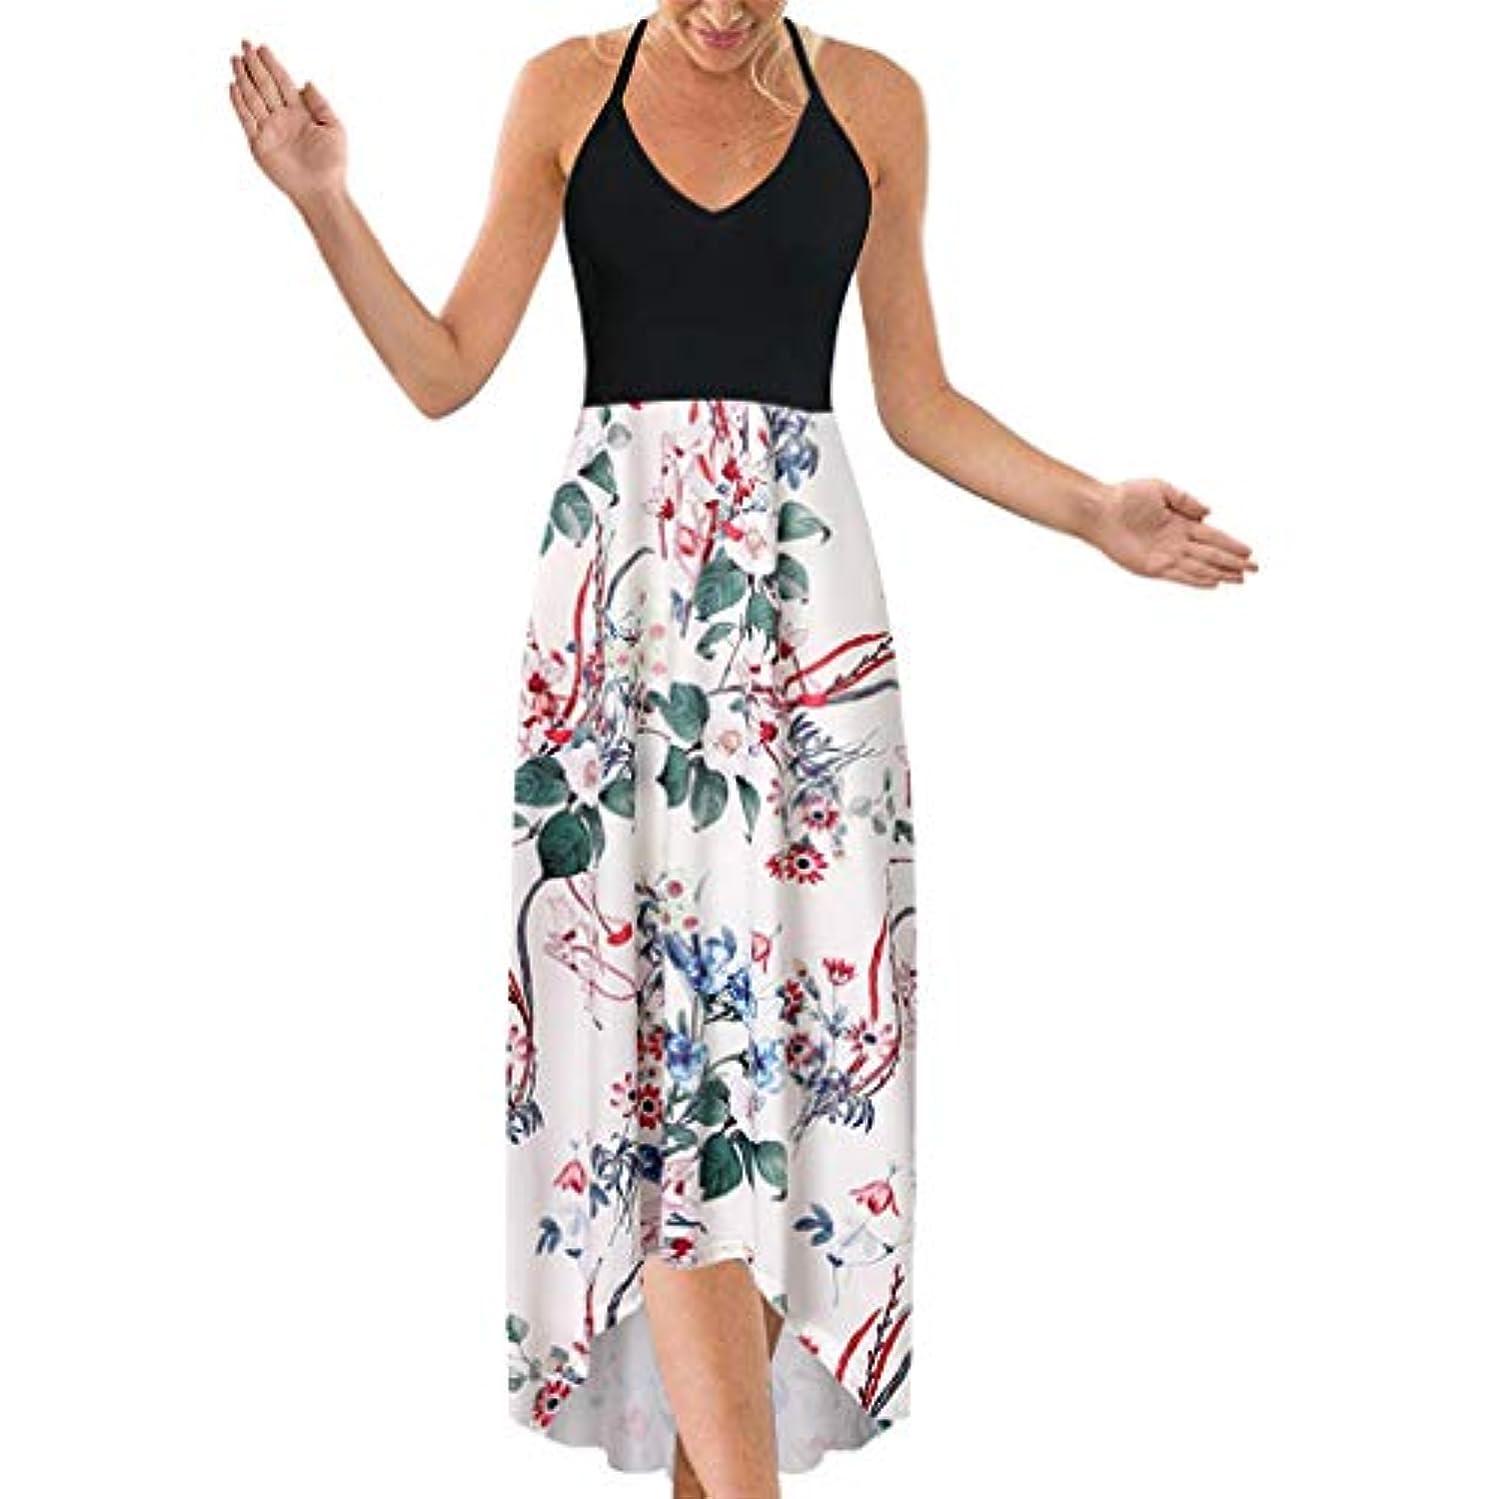 オプション深める旅行ドレス ワンピース 黒 ドレス キャバ エレガント ボタニカル ワンピース タイト 花柄 フェミニン 着やせ レディース セクシー ノースリーブスリング 花柄 ホルタードレス 通勤 二次会 お呼ばれ 披露宴 結婚式 パーティー